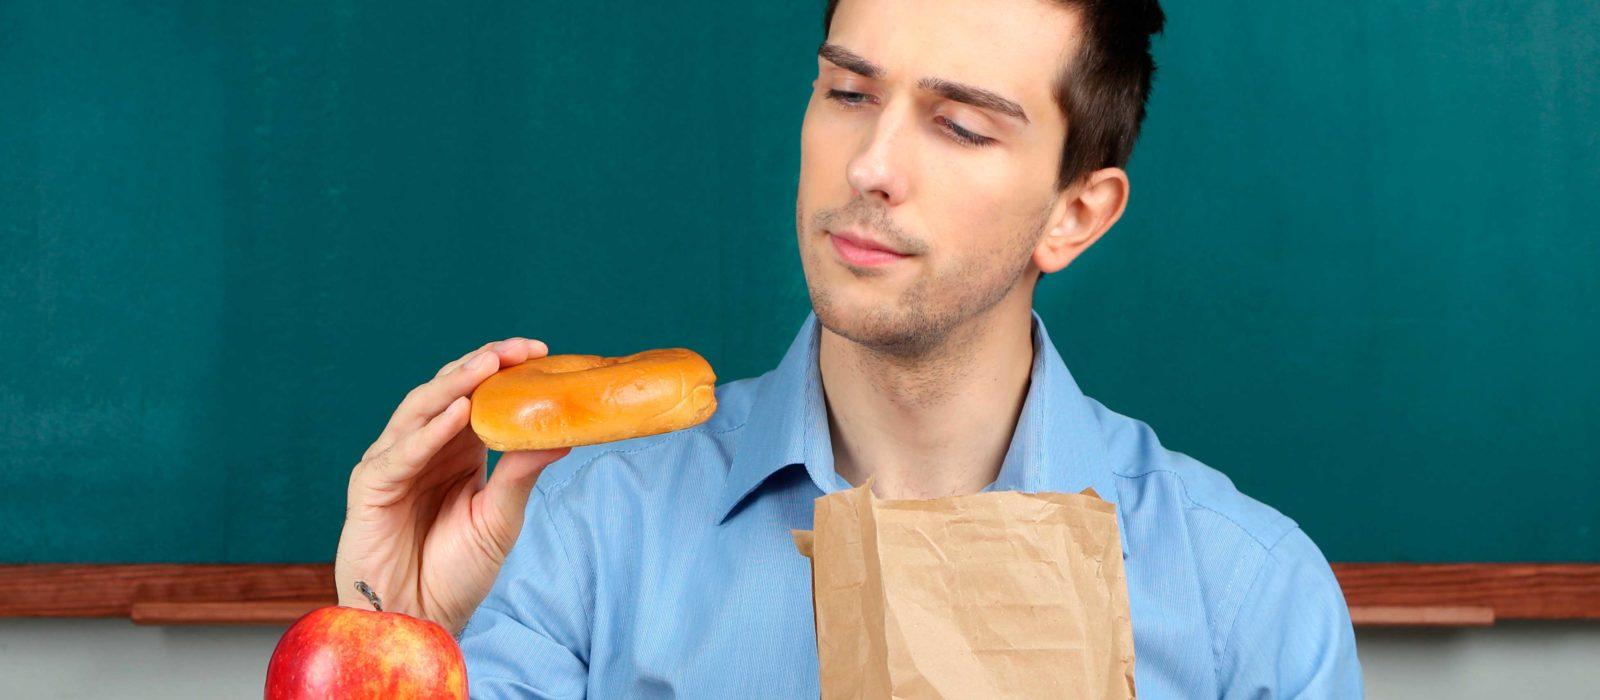 ¿Cómo debería alimentarse un profesor?